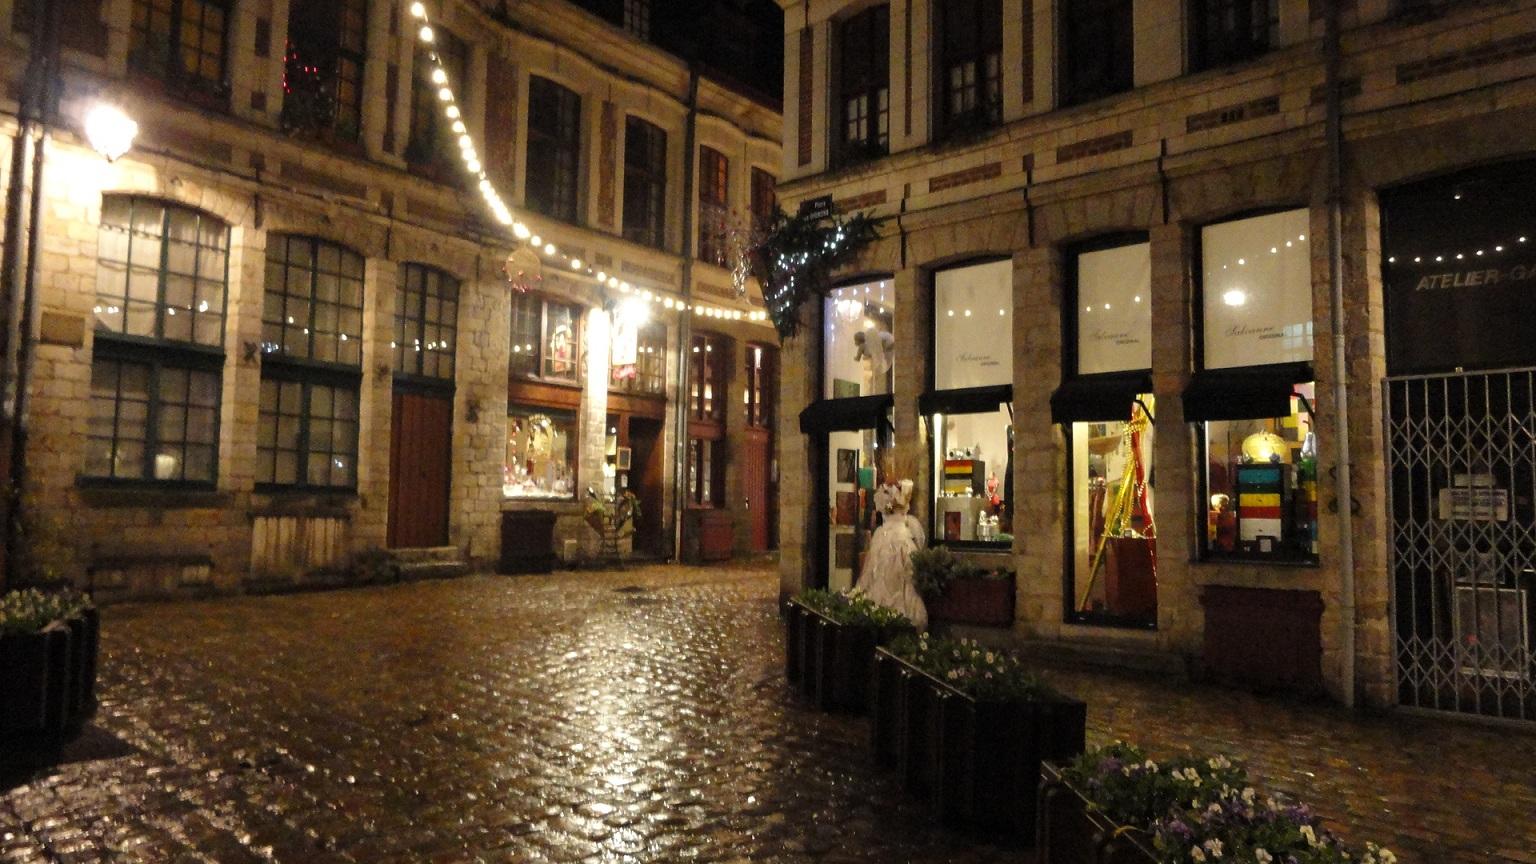 Une semaine nordique 2 lille un petit pois sur dix - Magasin meuble lille rue esquermoise ...